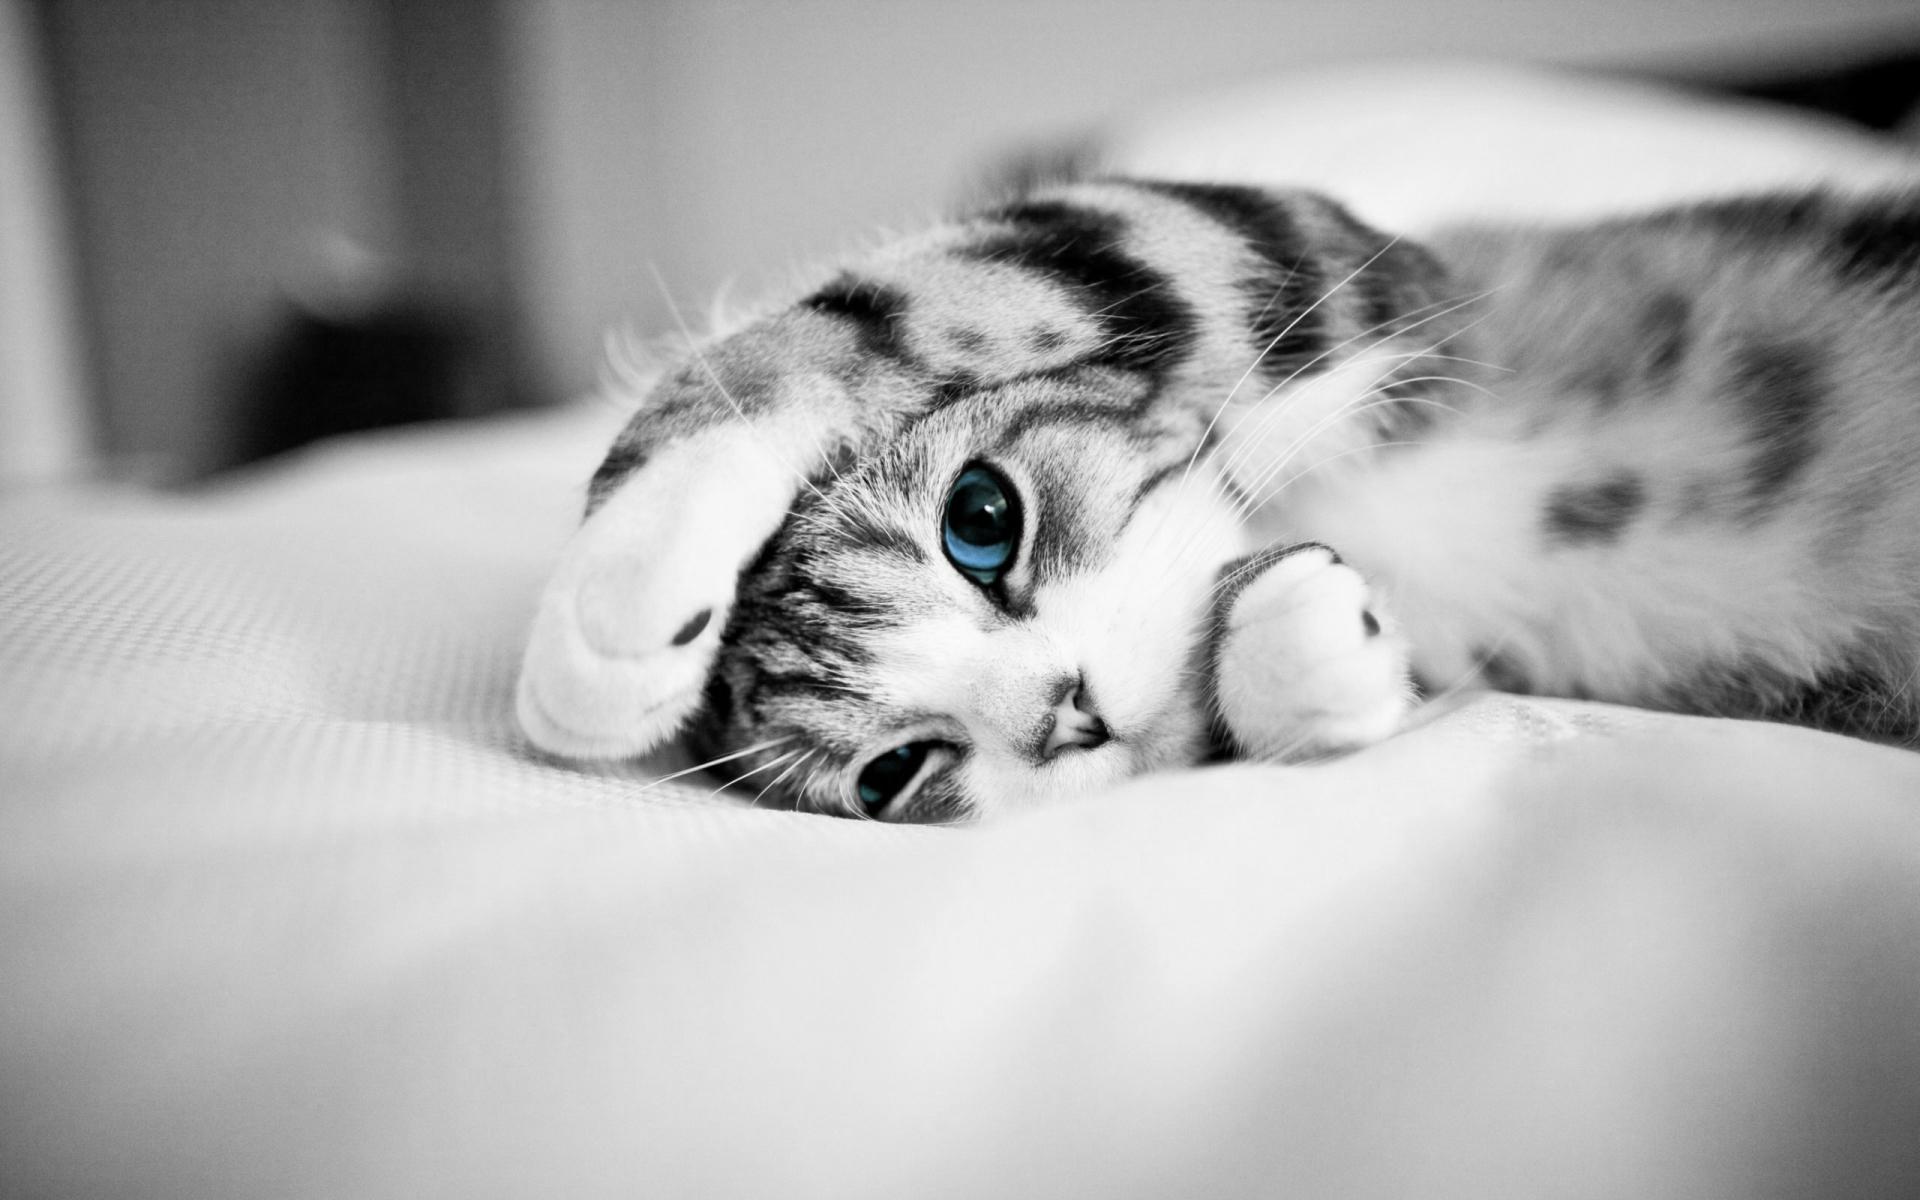 download wallpaper: katje met blauwe ogen wallpaper